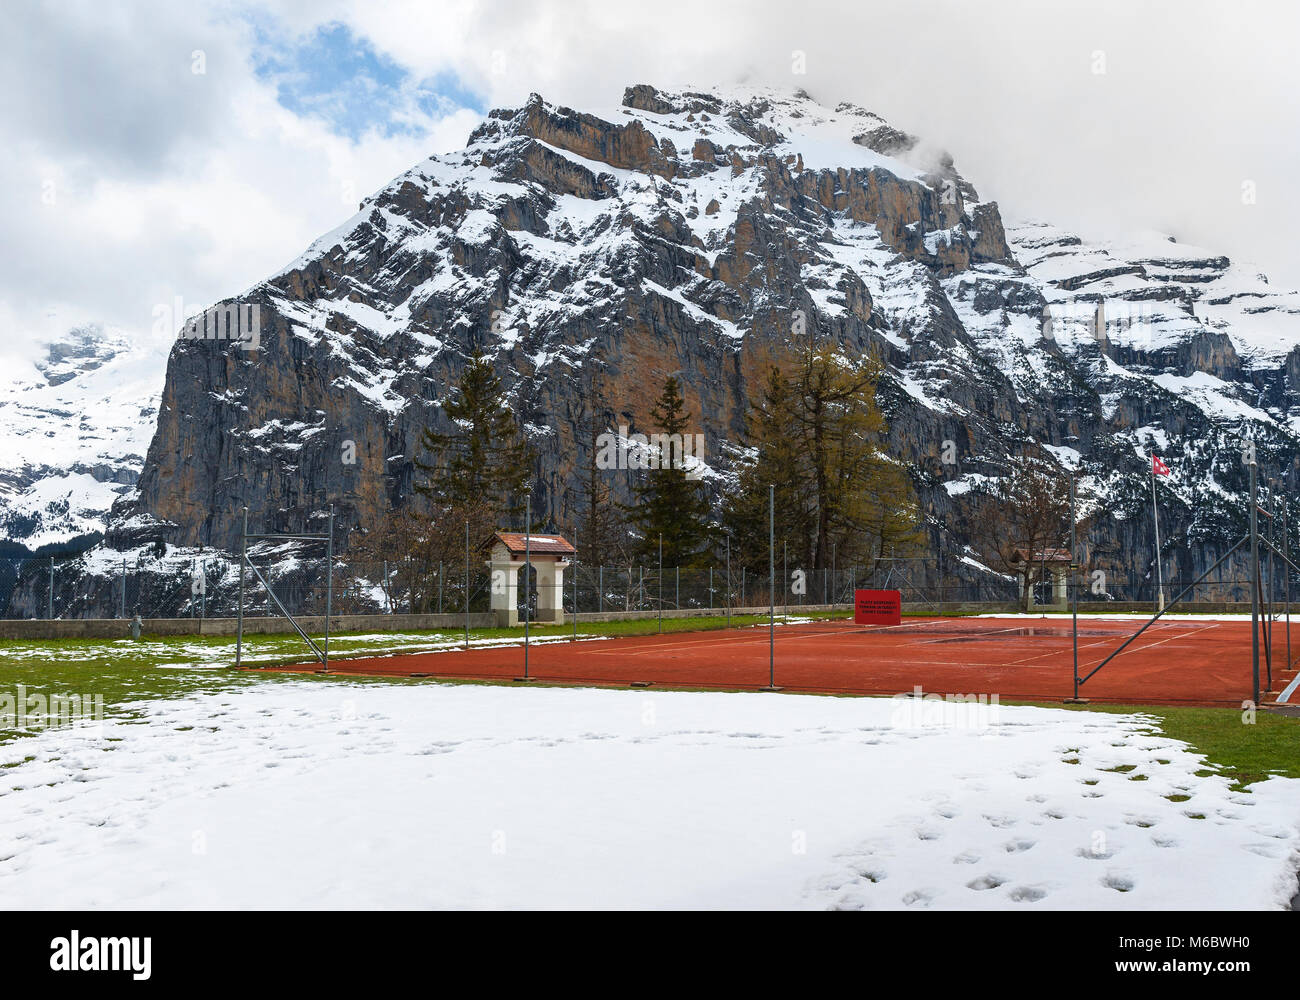 Pista de tenis en Murren village en Alpes Suizos Foto de stock